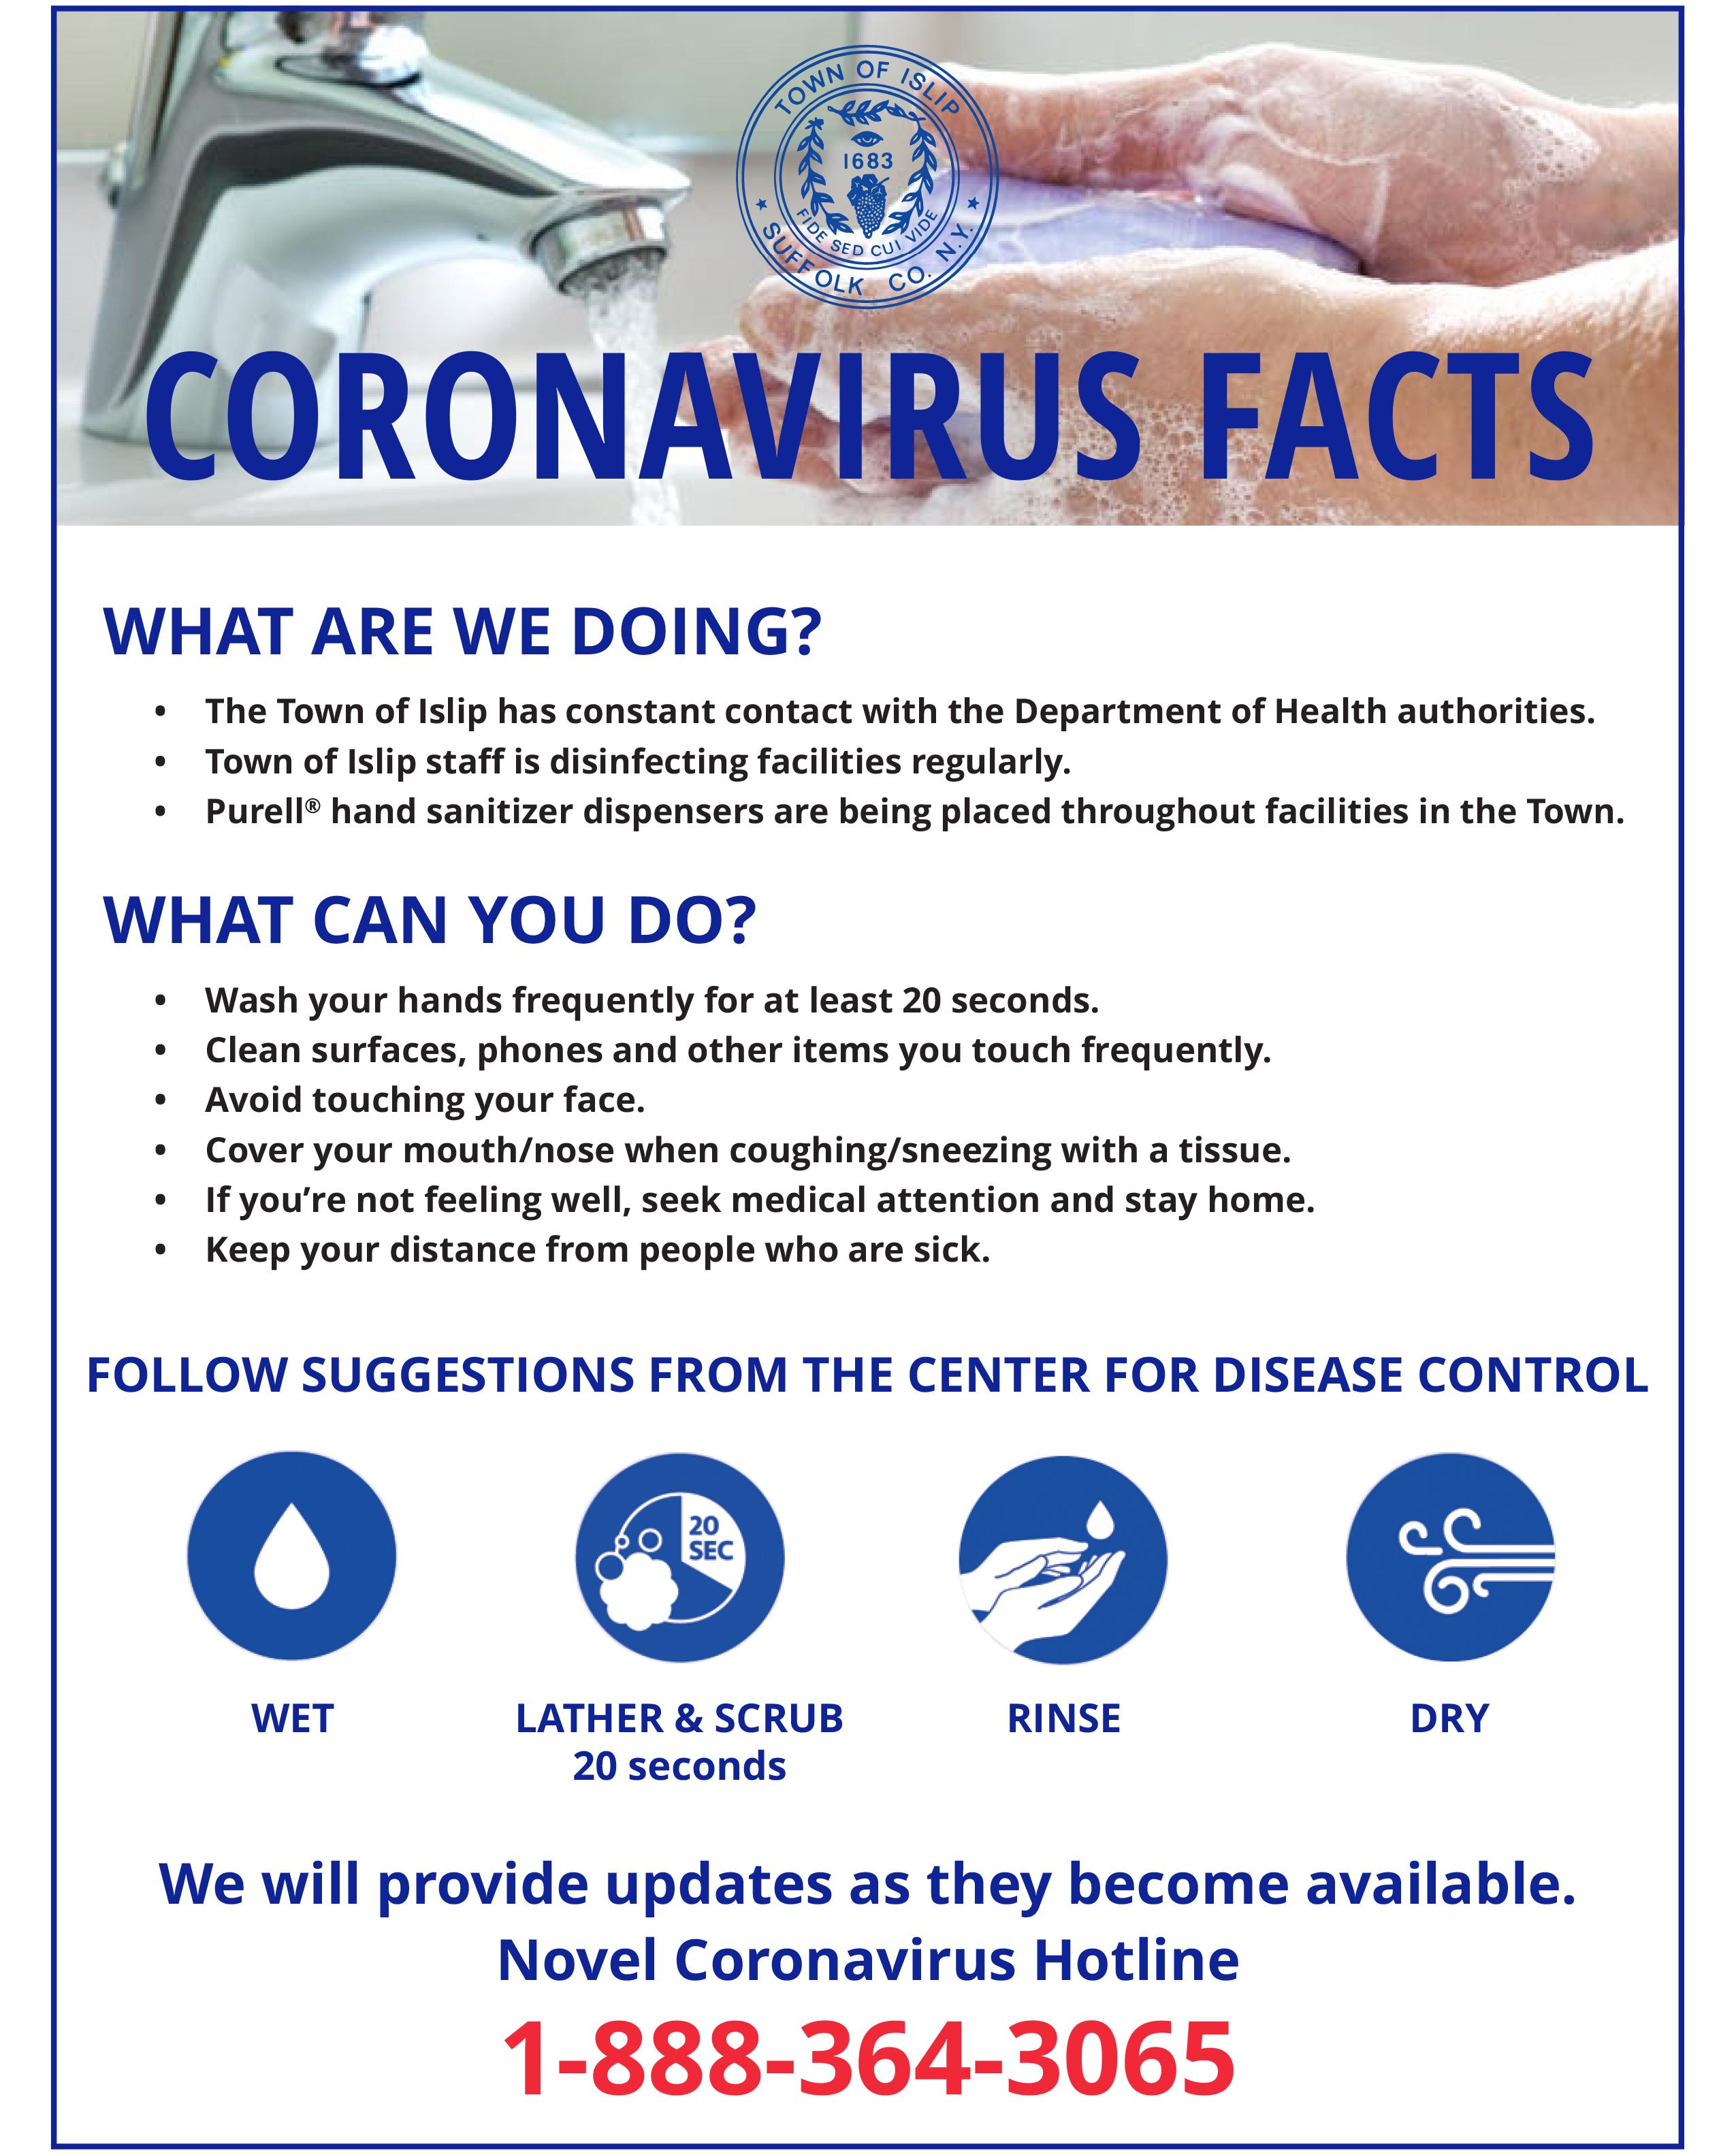 Coronavirus Facts & Info